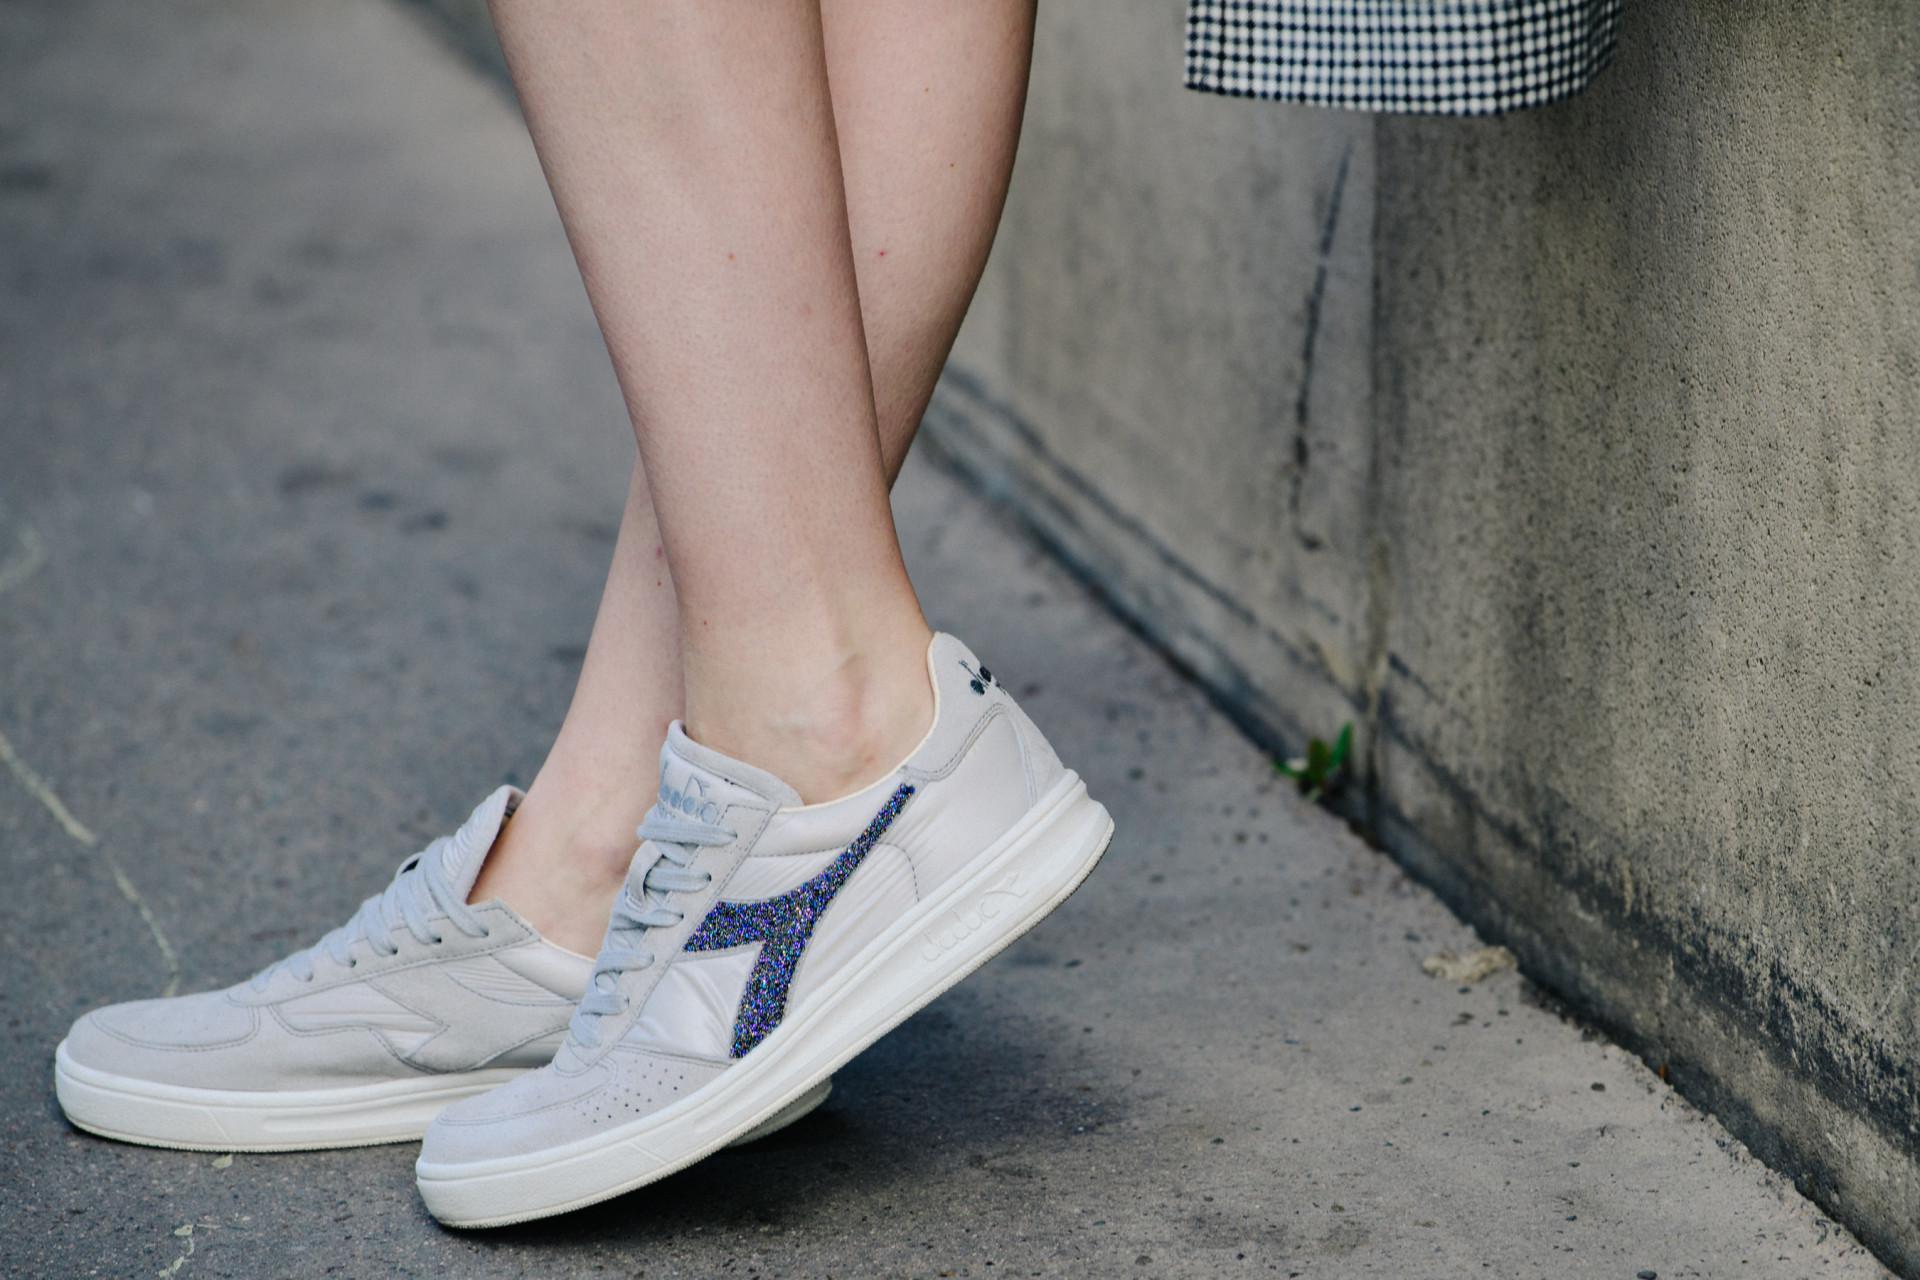 Quando uma marca de sapatilhas se junta à joalharia de luxo